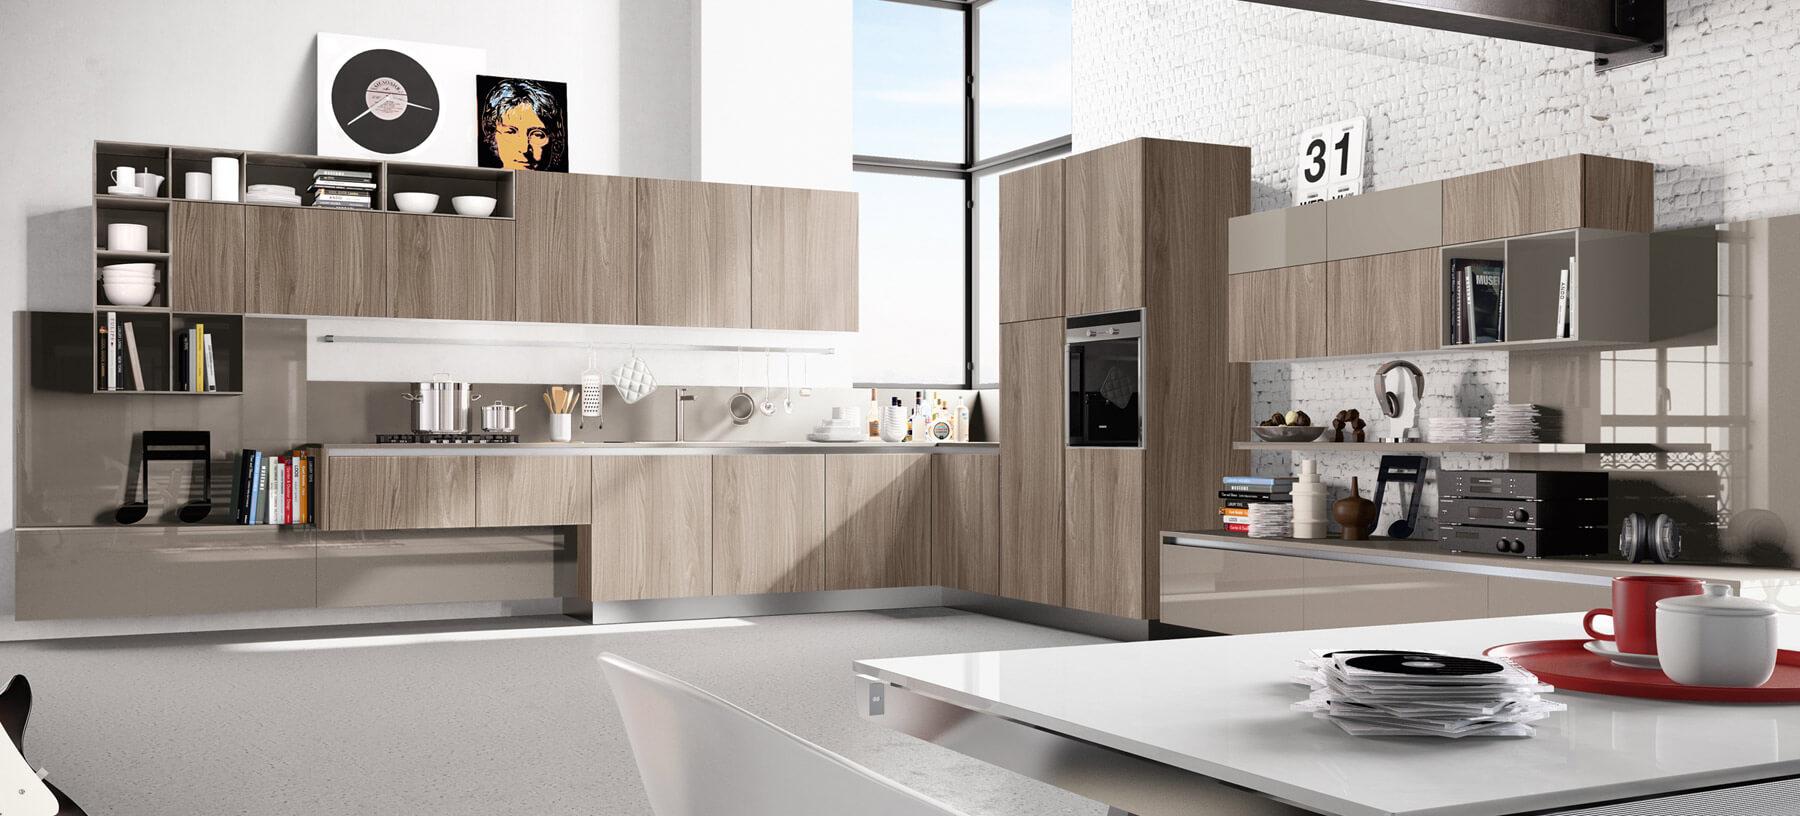 Modern kitchen in natural wood color design